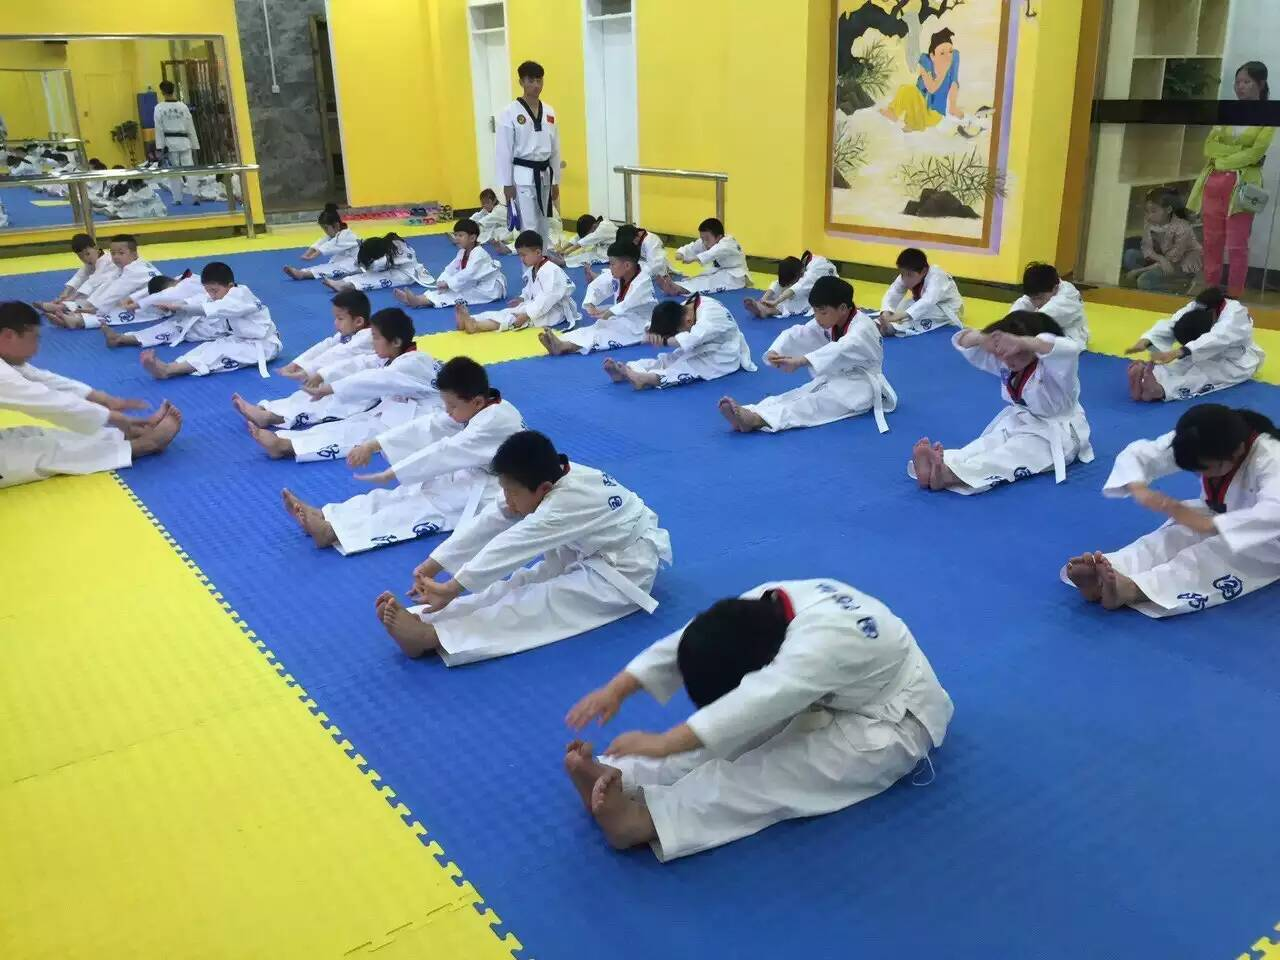 跆拳道培训连锁